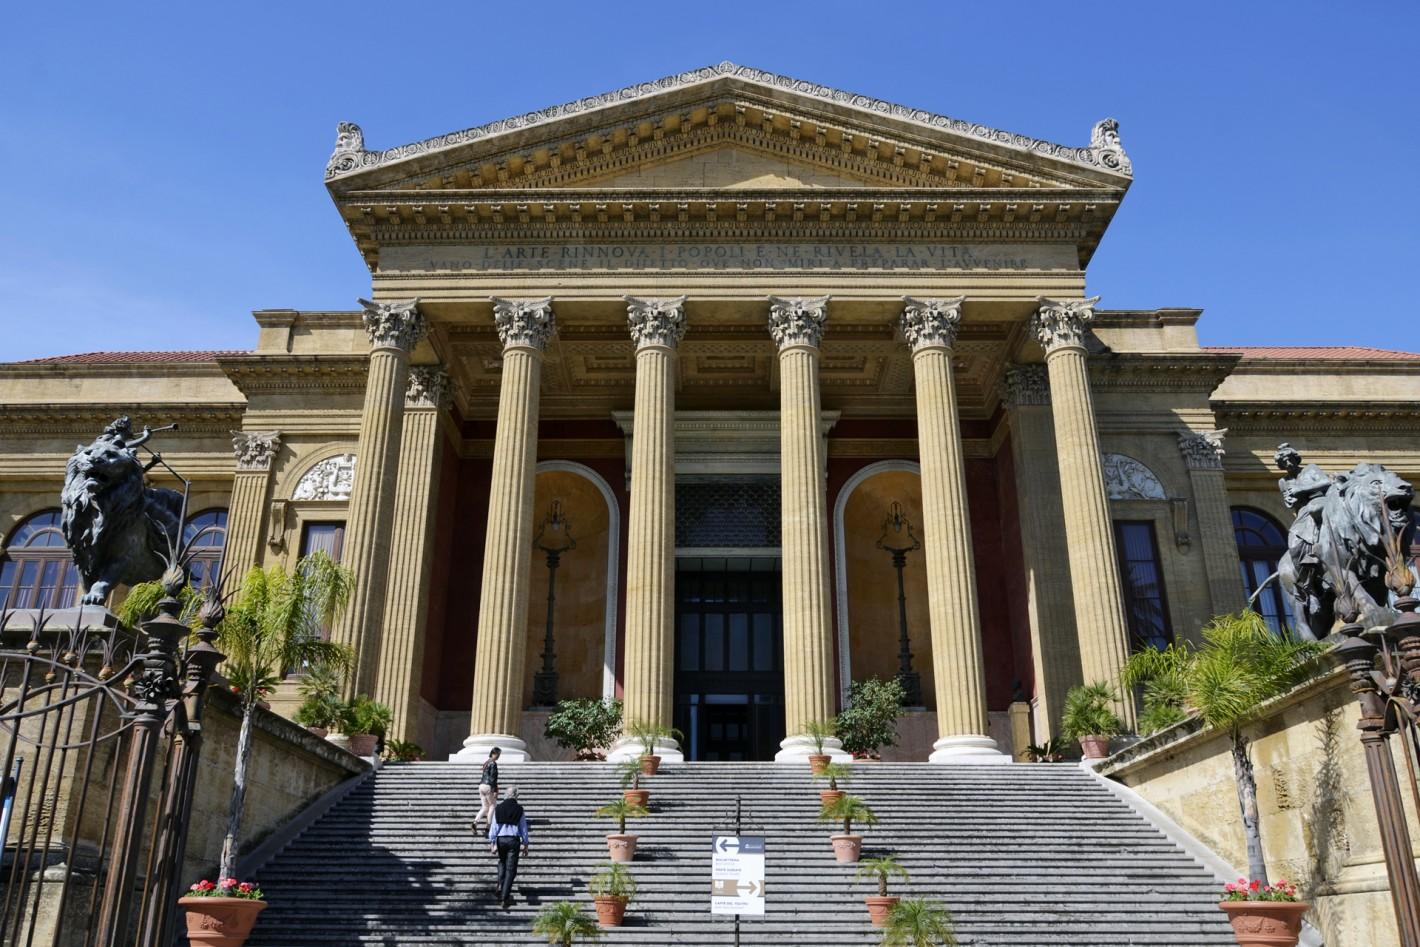 Palermo_TeatroMasimo